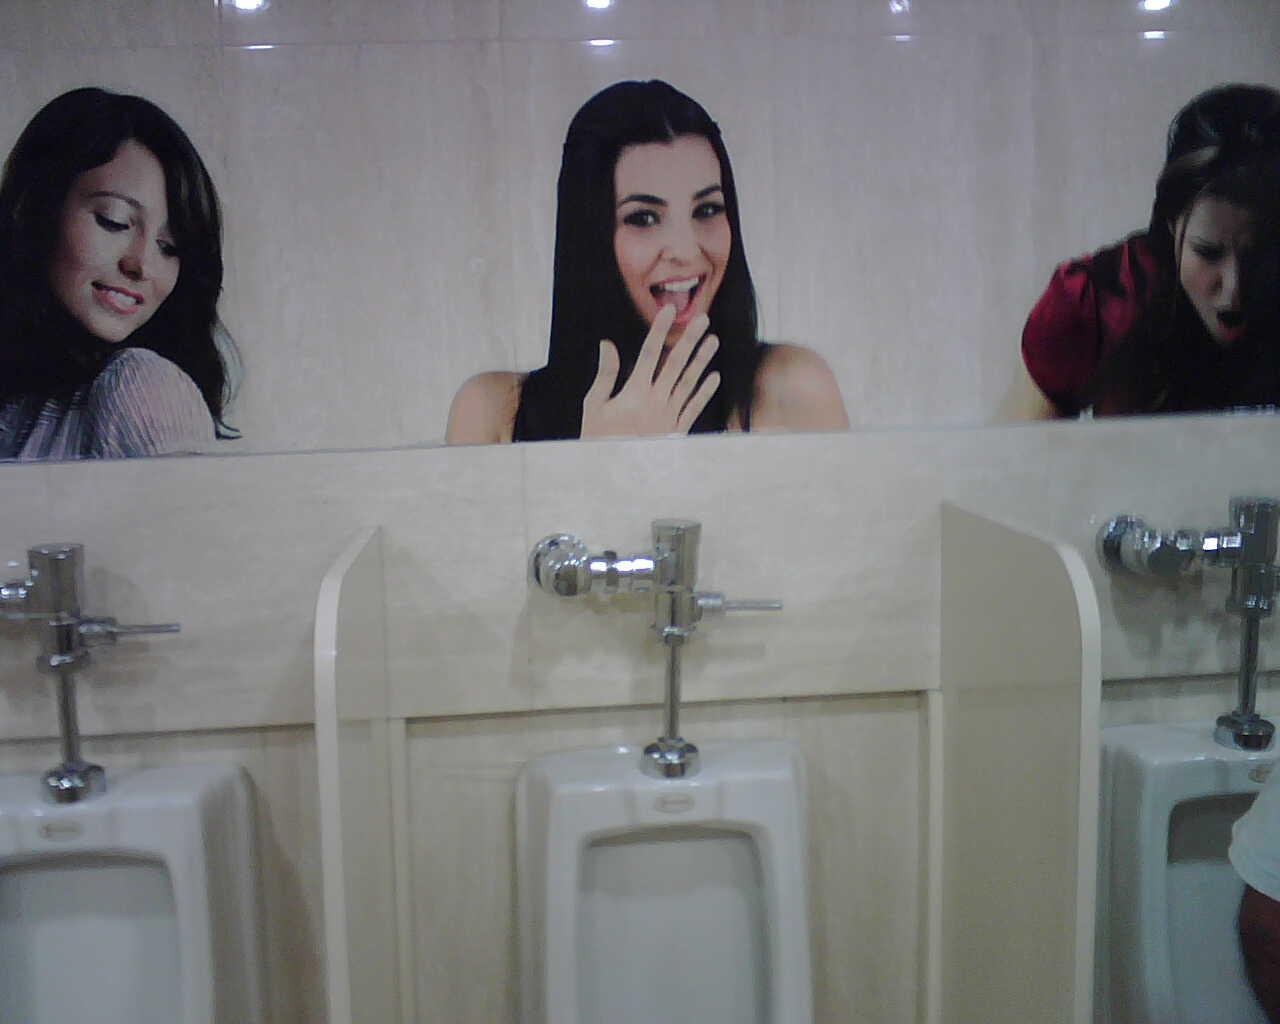 Imagenes De Letreros Baños:Clooking: ¿Se espían los hombres cuando orinan en un baño público?